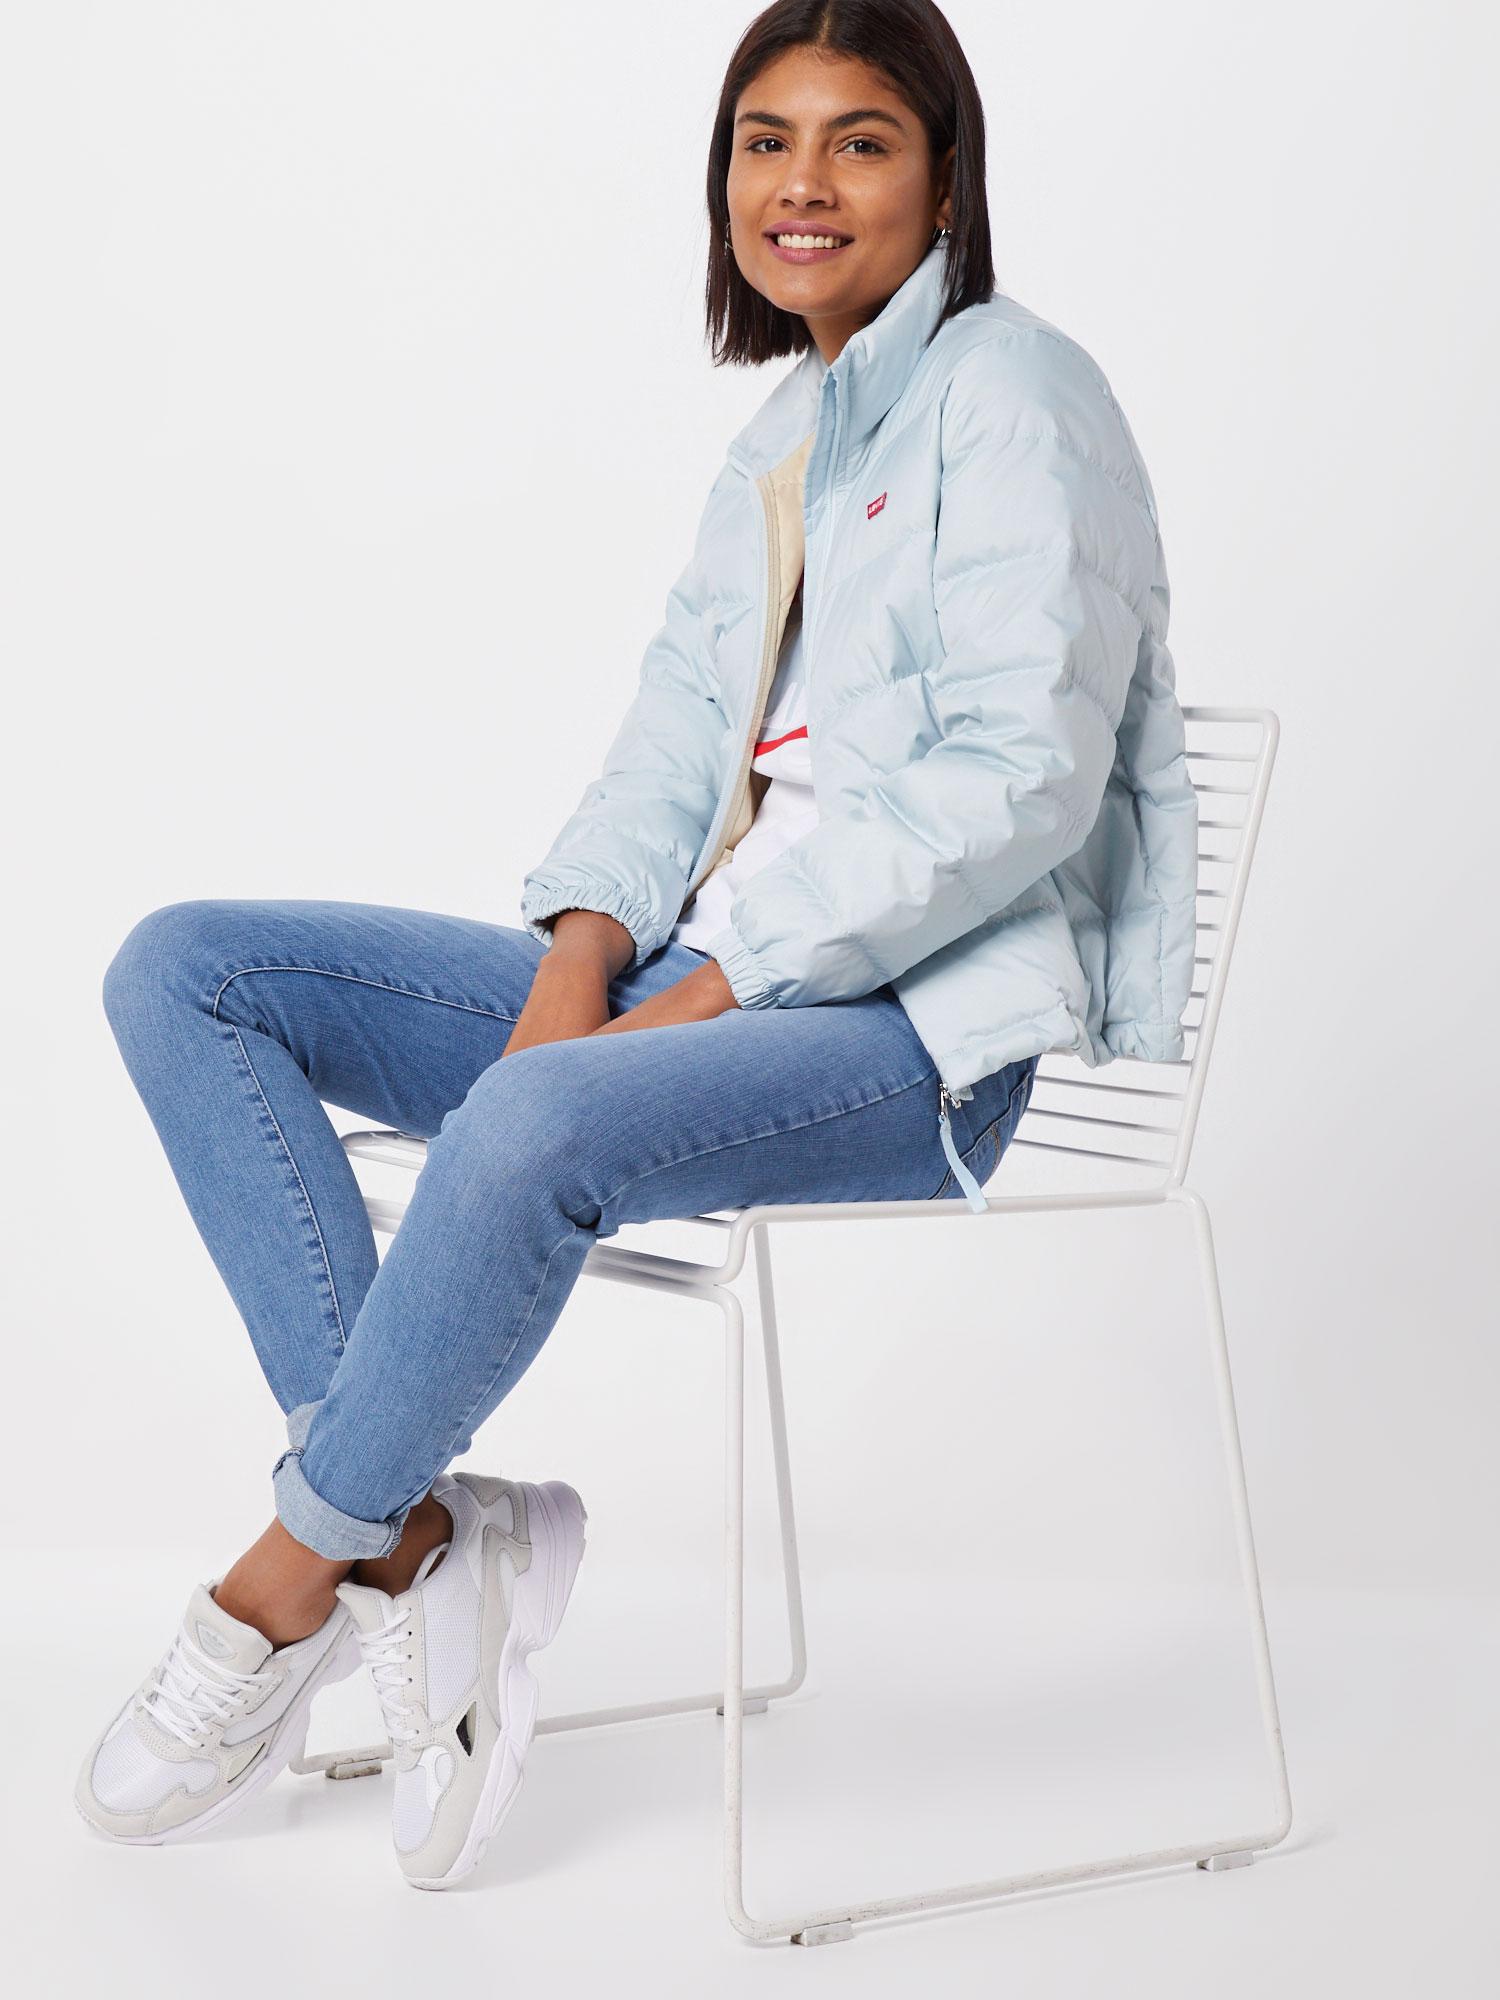 LEVIS Jeansy 720™ w kolorze niebieski denimm 8mGe0xAc